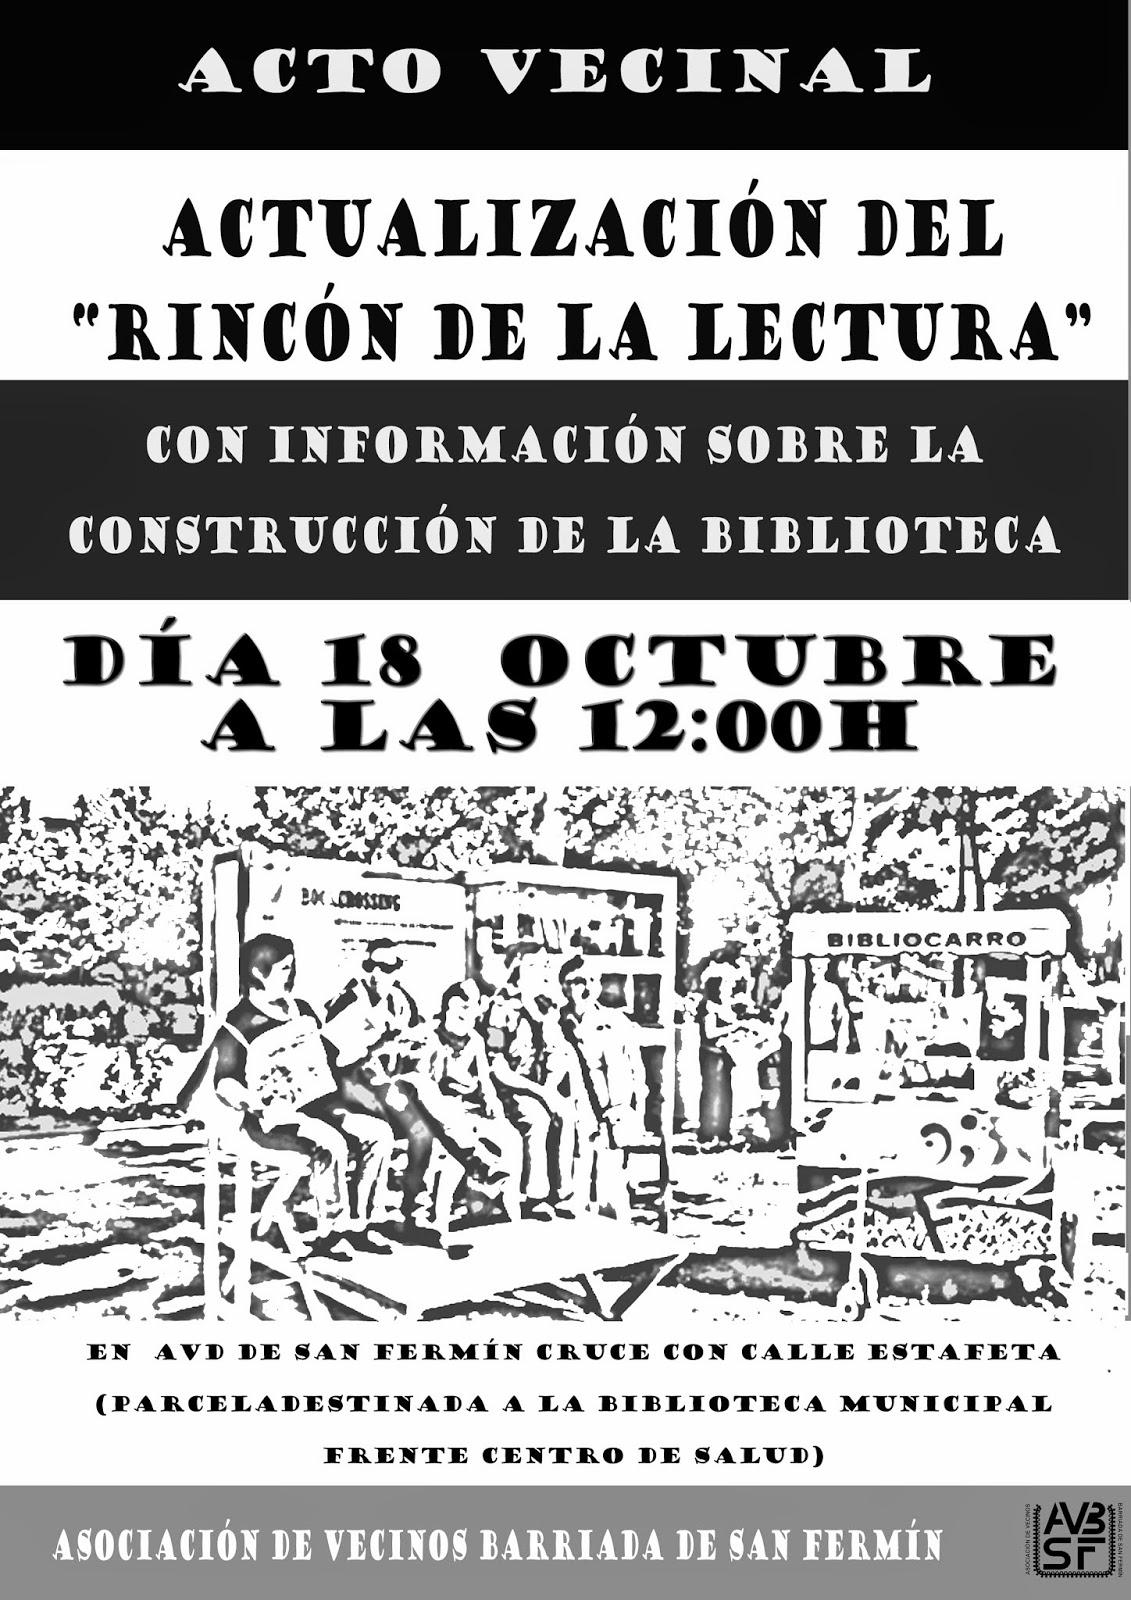 AAVV San Fermín - Acto Vecinal Rincón de la Lectura